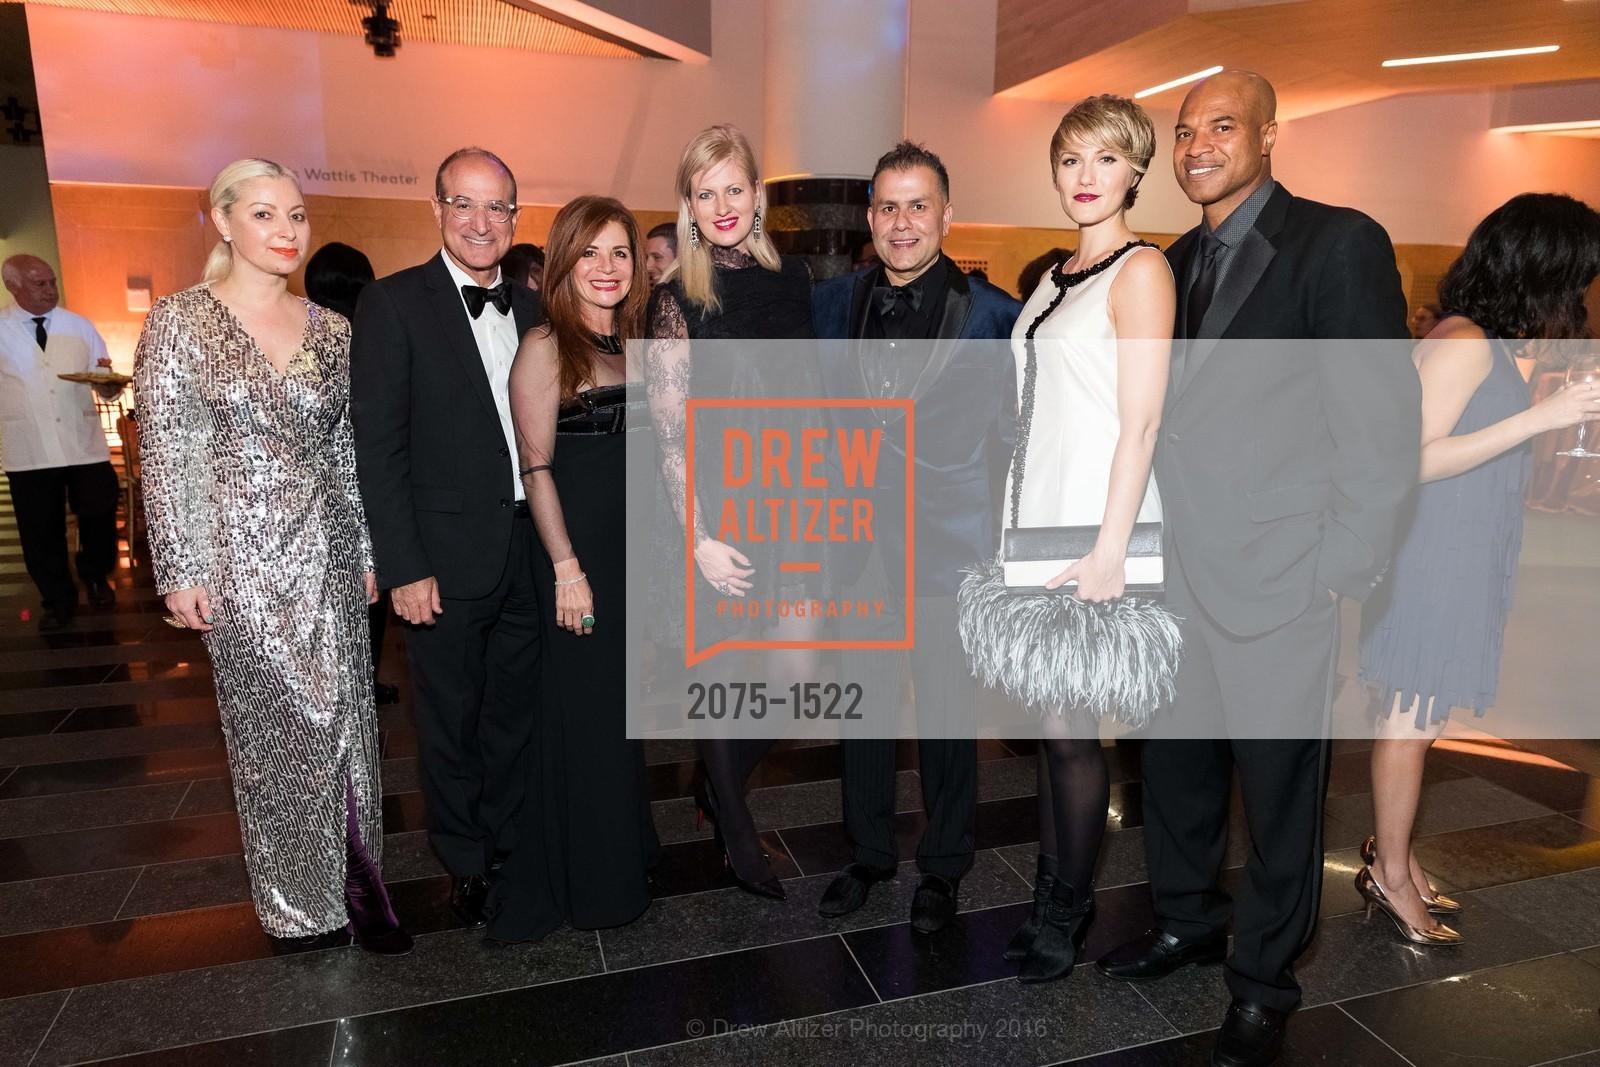 Sonya Molodetskaya, Victor Mahras, Farah Makras, Kai Kuusik, Rick Ali, Hannah Rose, Charleston Pierce, Photo #2075-1522